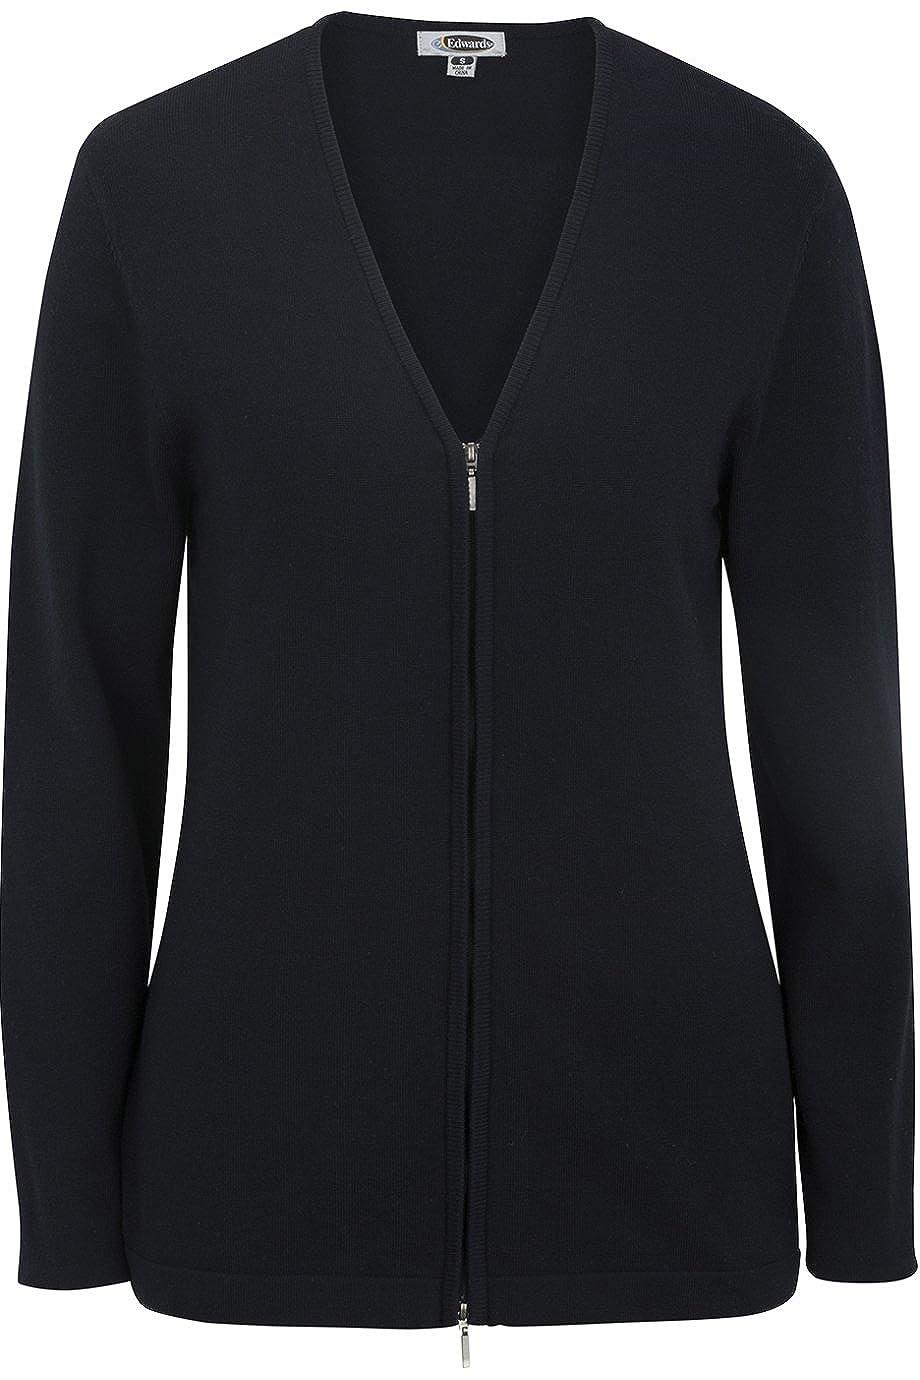 Edwards Womens Full Zip V-Neck Cardigan Sweater Navy XXX-Large 7062